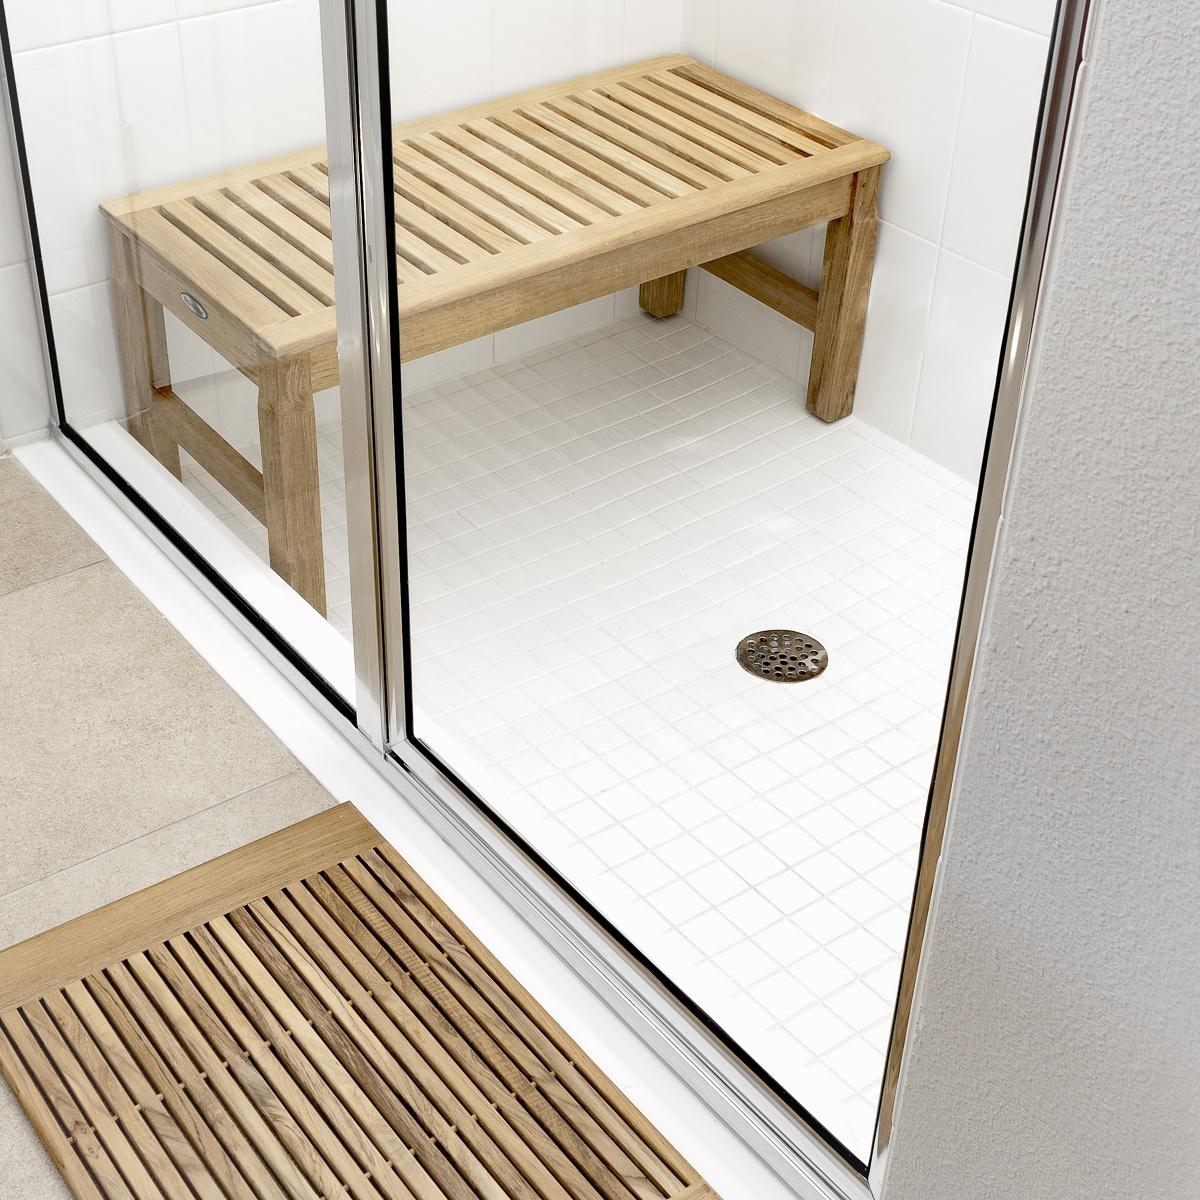 Westminster Teak Waterproof Shower Stool Seat - Westminster Teak ...